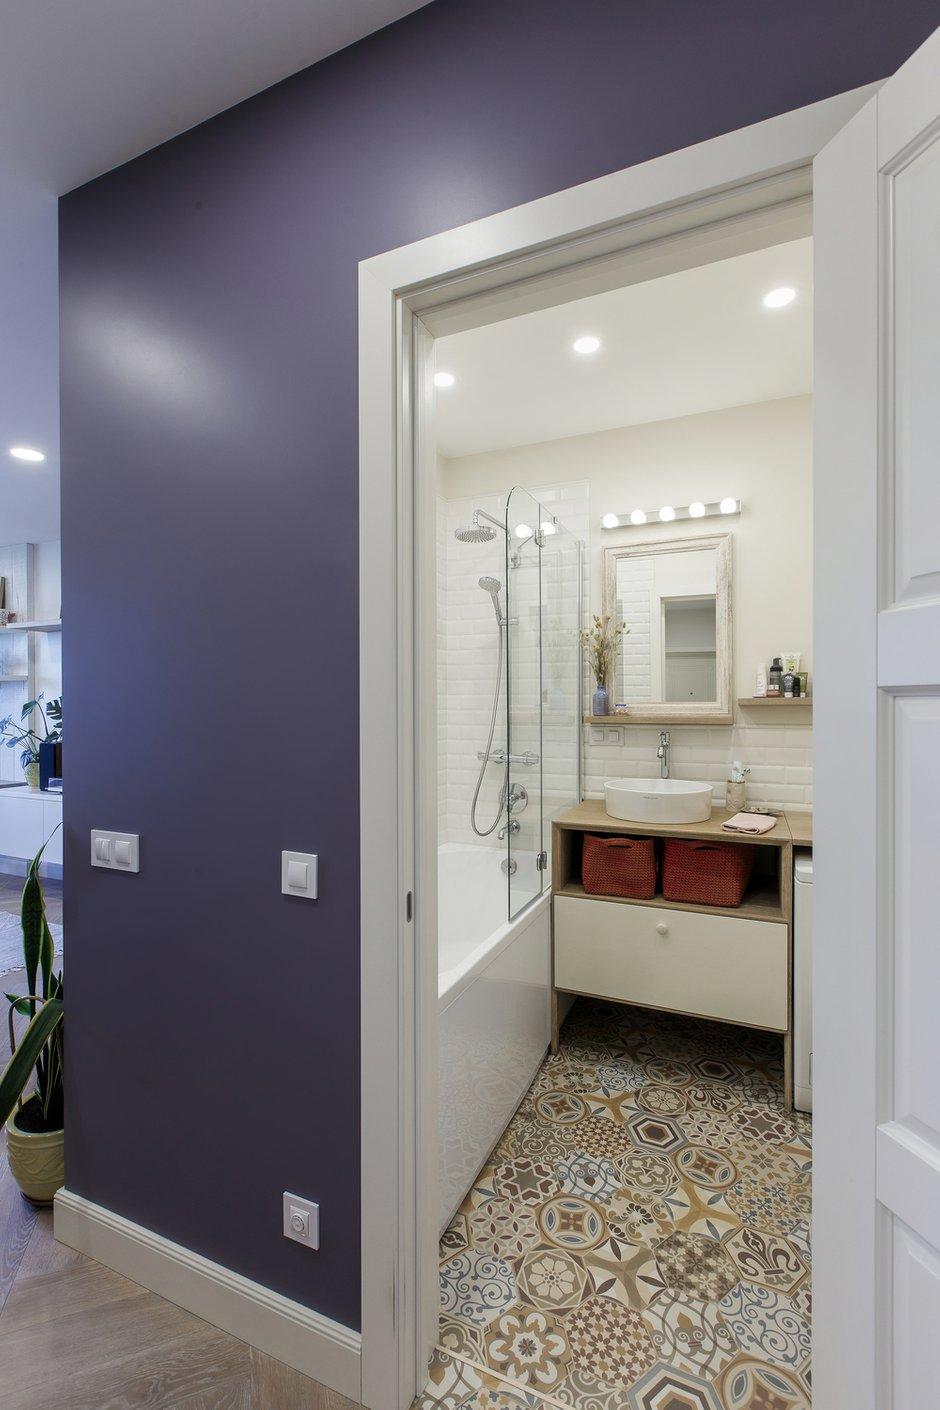 Фотография: Ванная в стиле Скандинавский, Квартира, Белый, Проект недели, Евгения Лыкасова – фото на INMYROOM